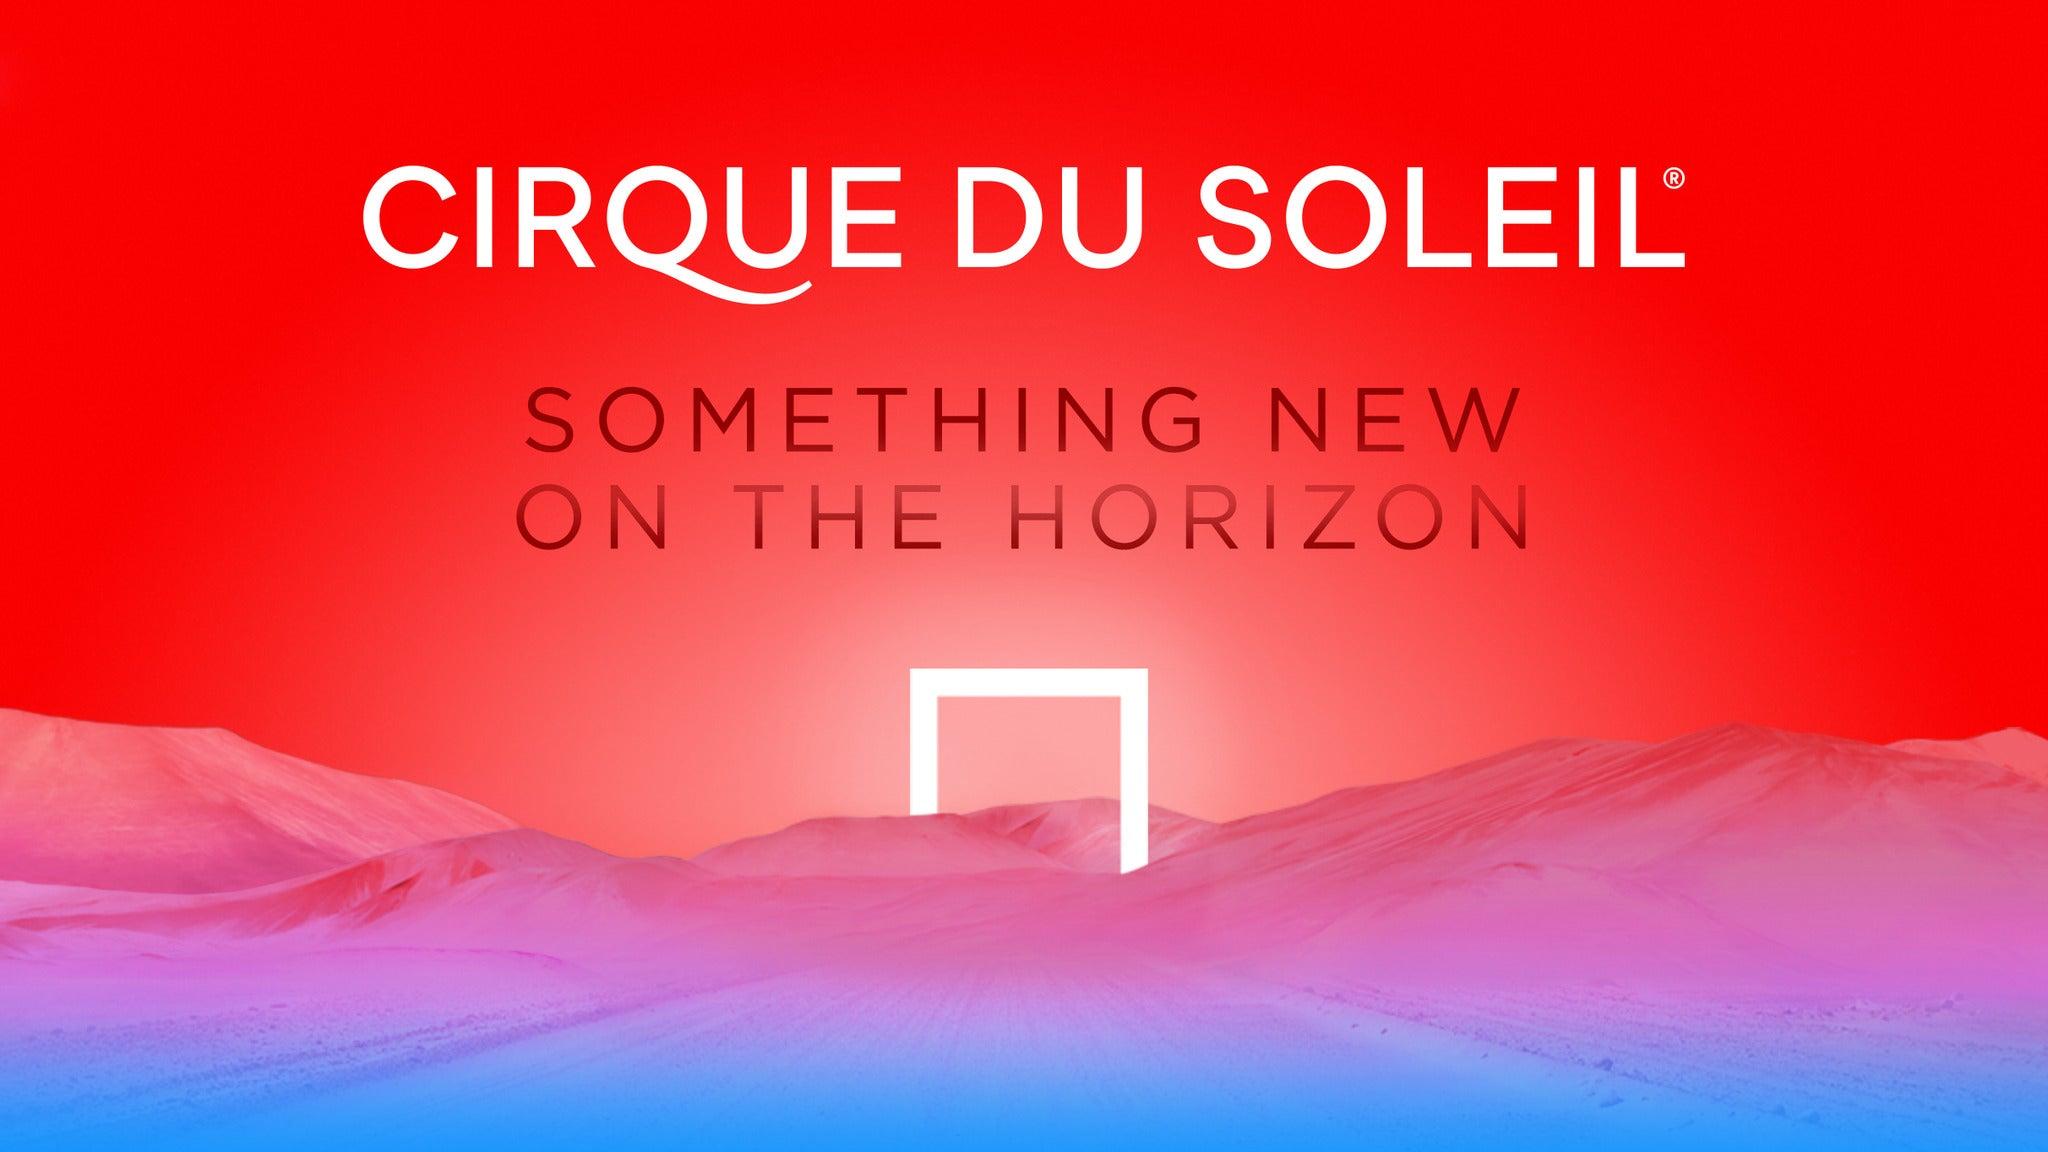 Cirque du Soleil: Cirque du Soleil 2020